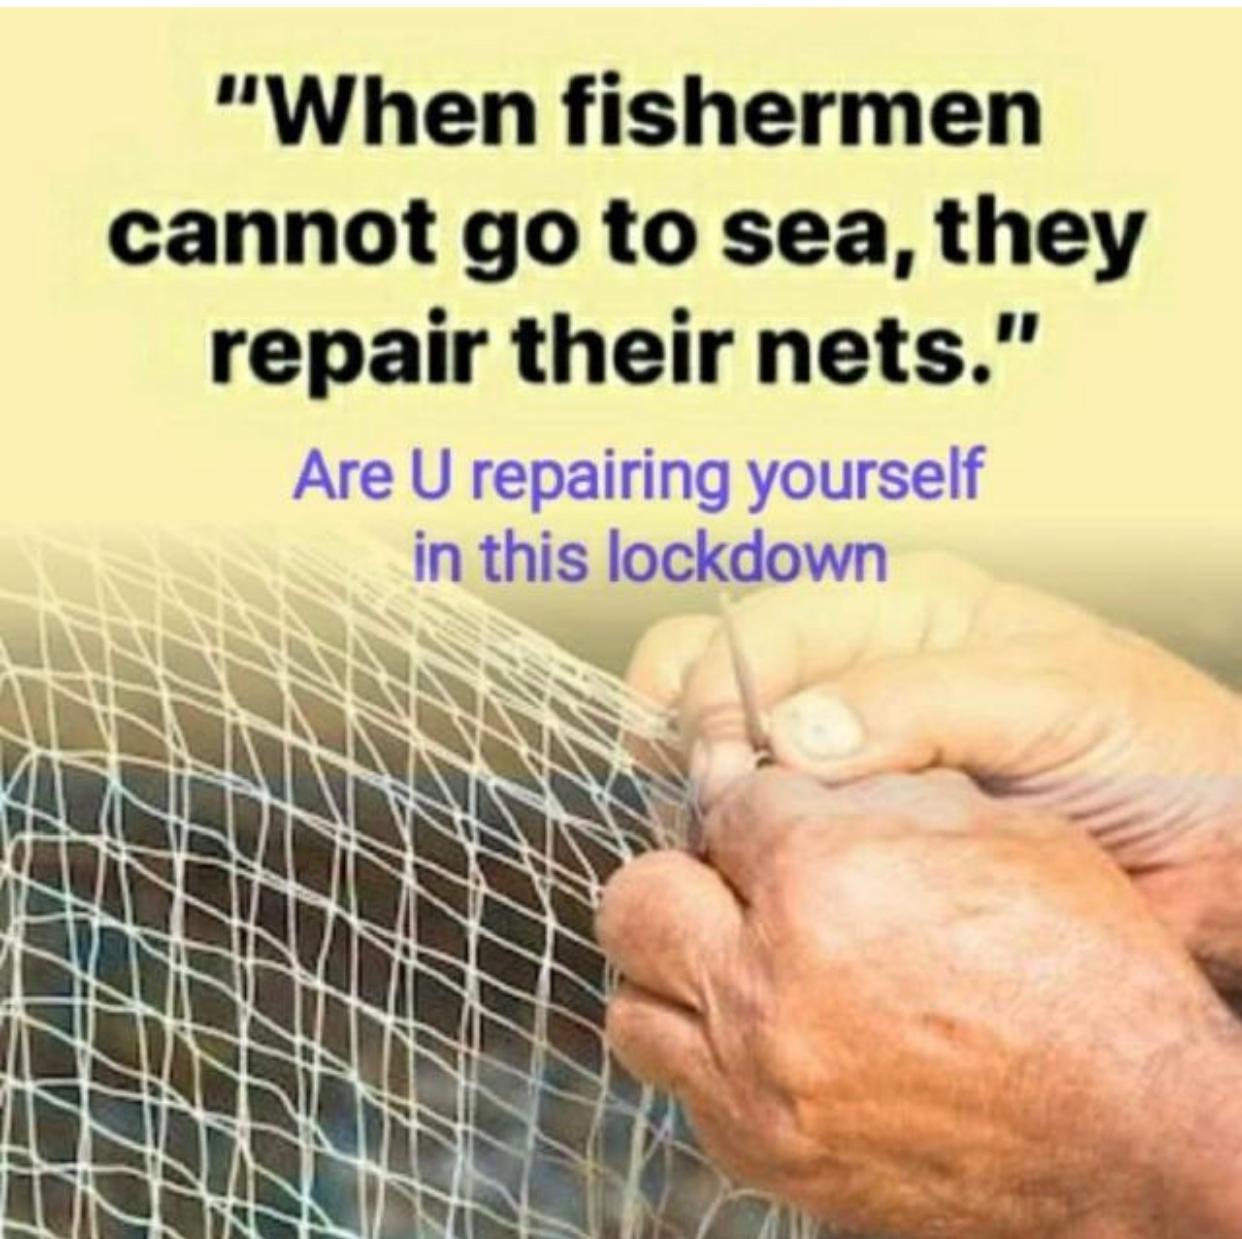 fishermen repair nets quote